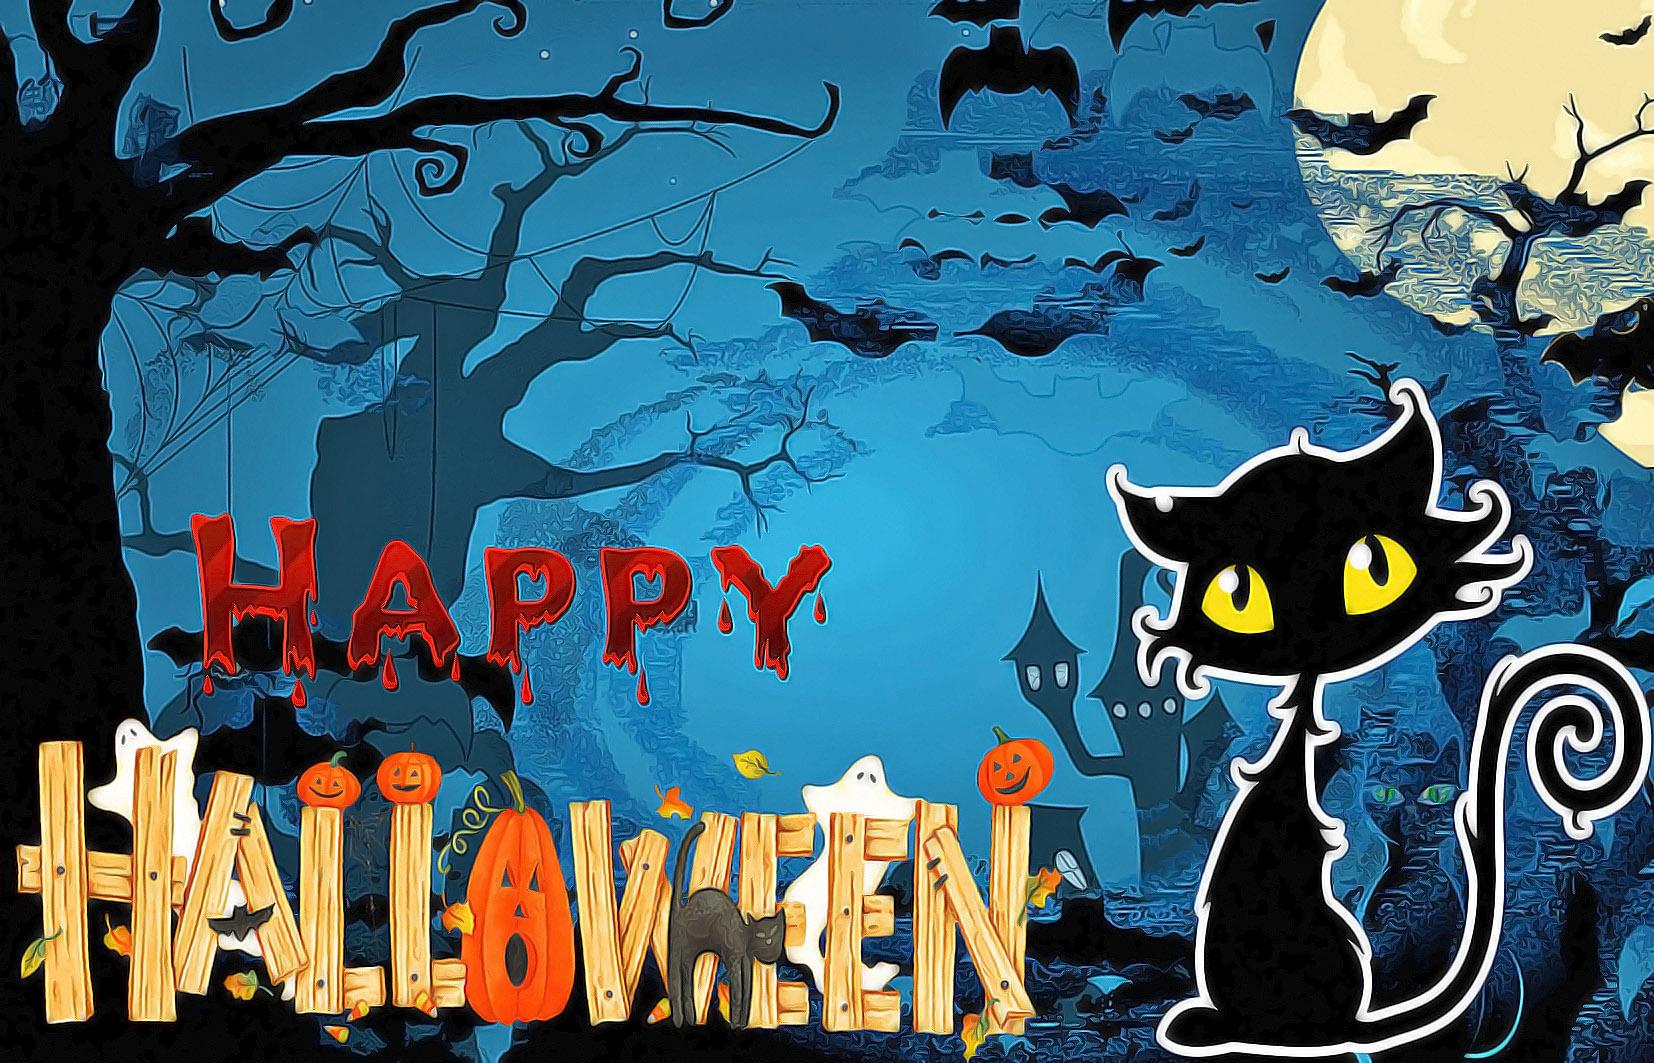 Открытка на Хэллоуин - чёрный кот в красивом оформлении